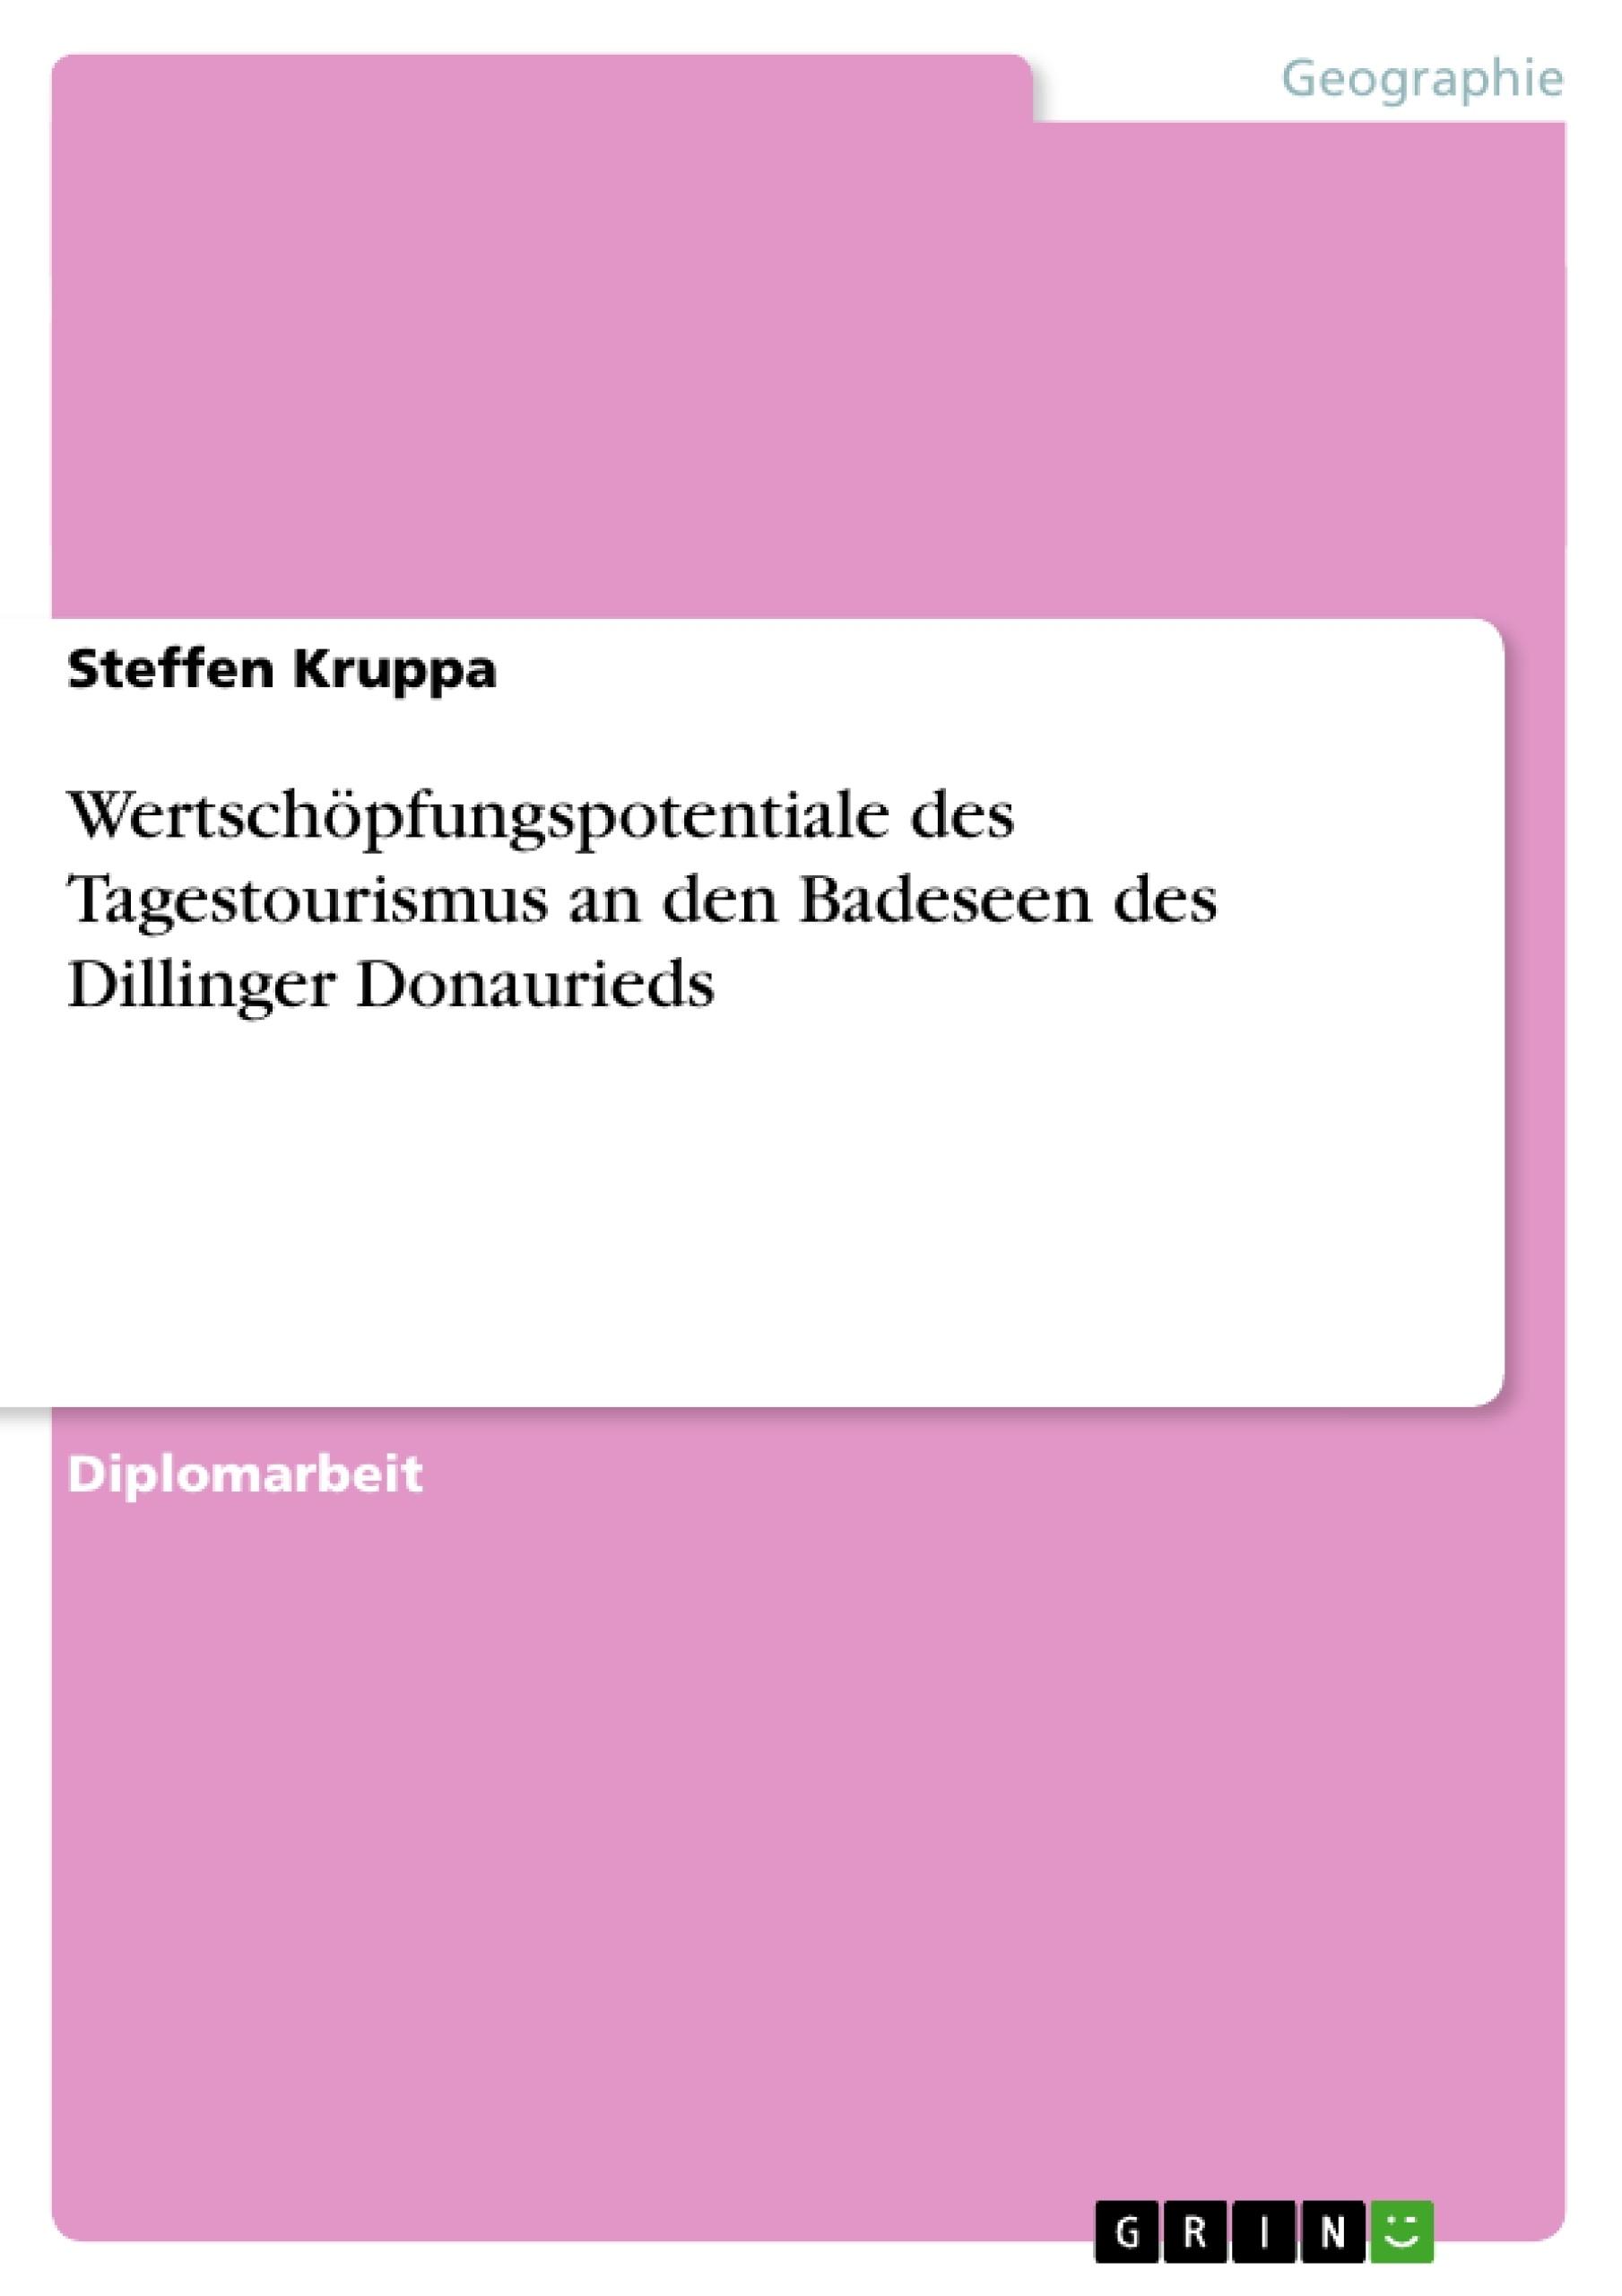 Titel: Wertschöpfungspotentiale des Tagestourismus an den Badeseen des Dillinger Donaurieds